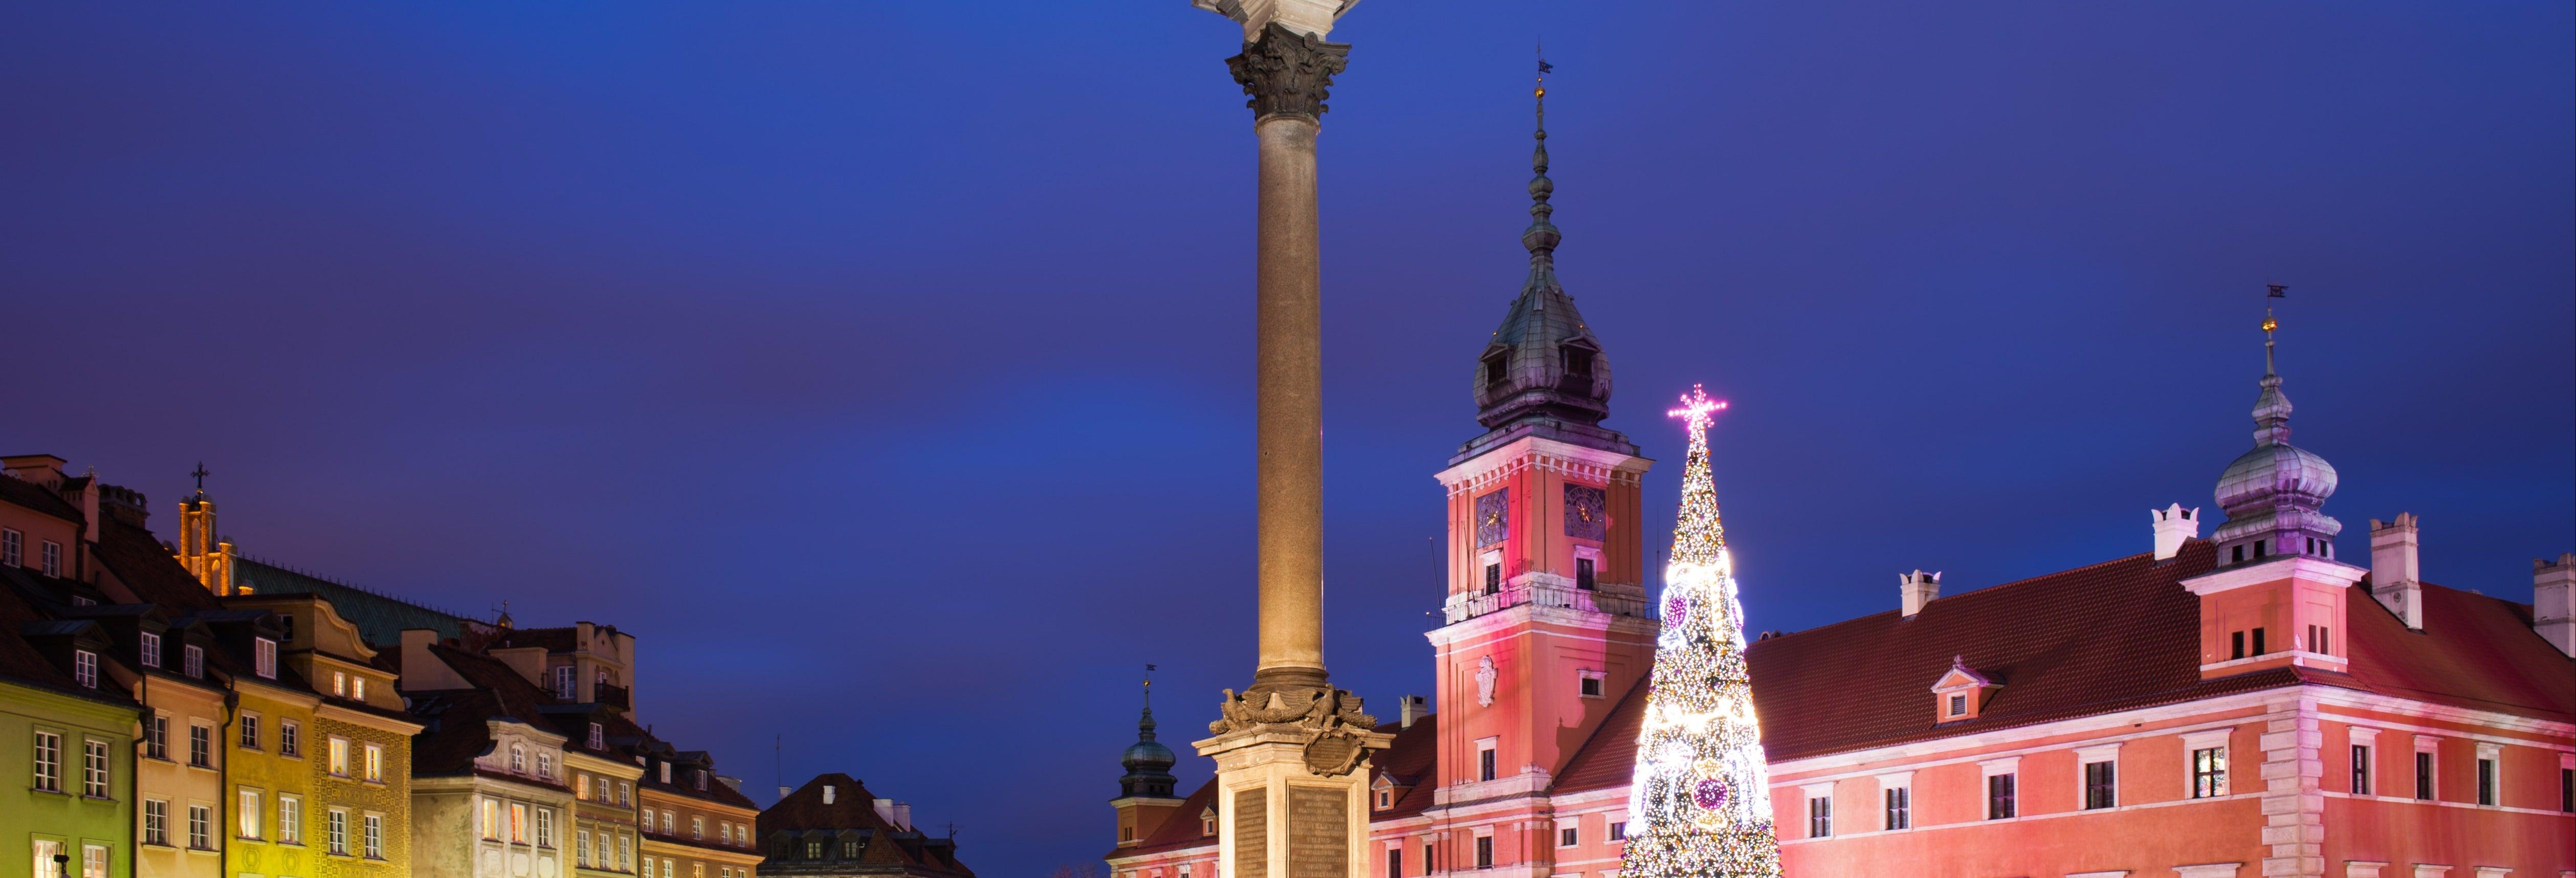 Tour pelos mercados de Natal